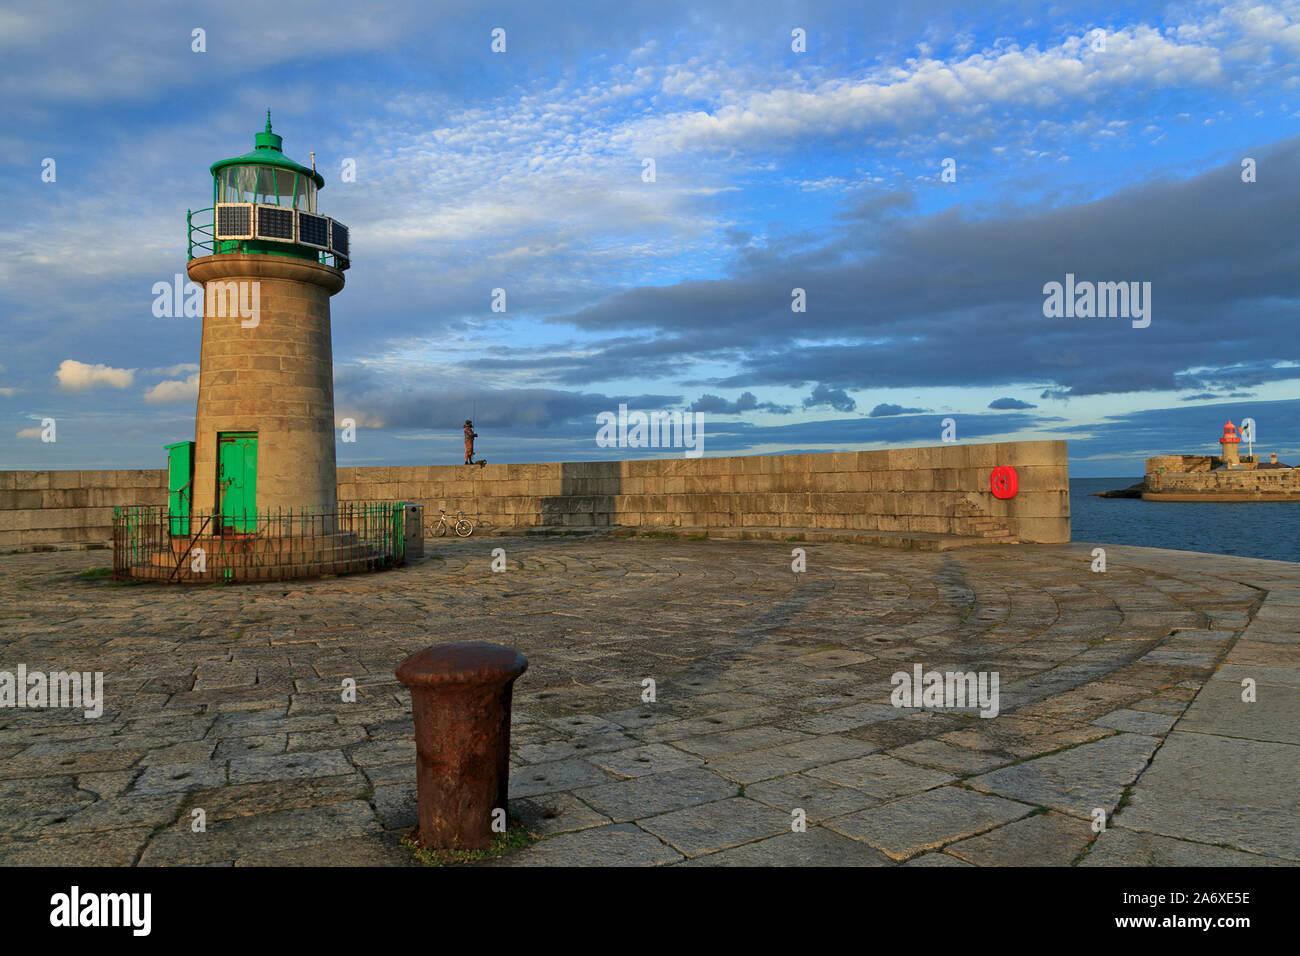 File:West Pier - Dun Laoghaire Harbour (Ireland